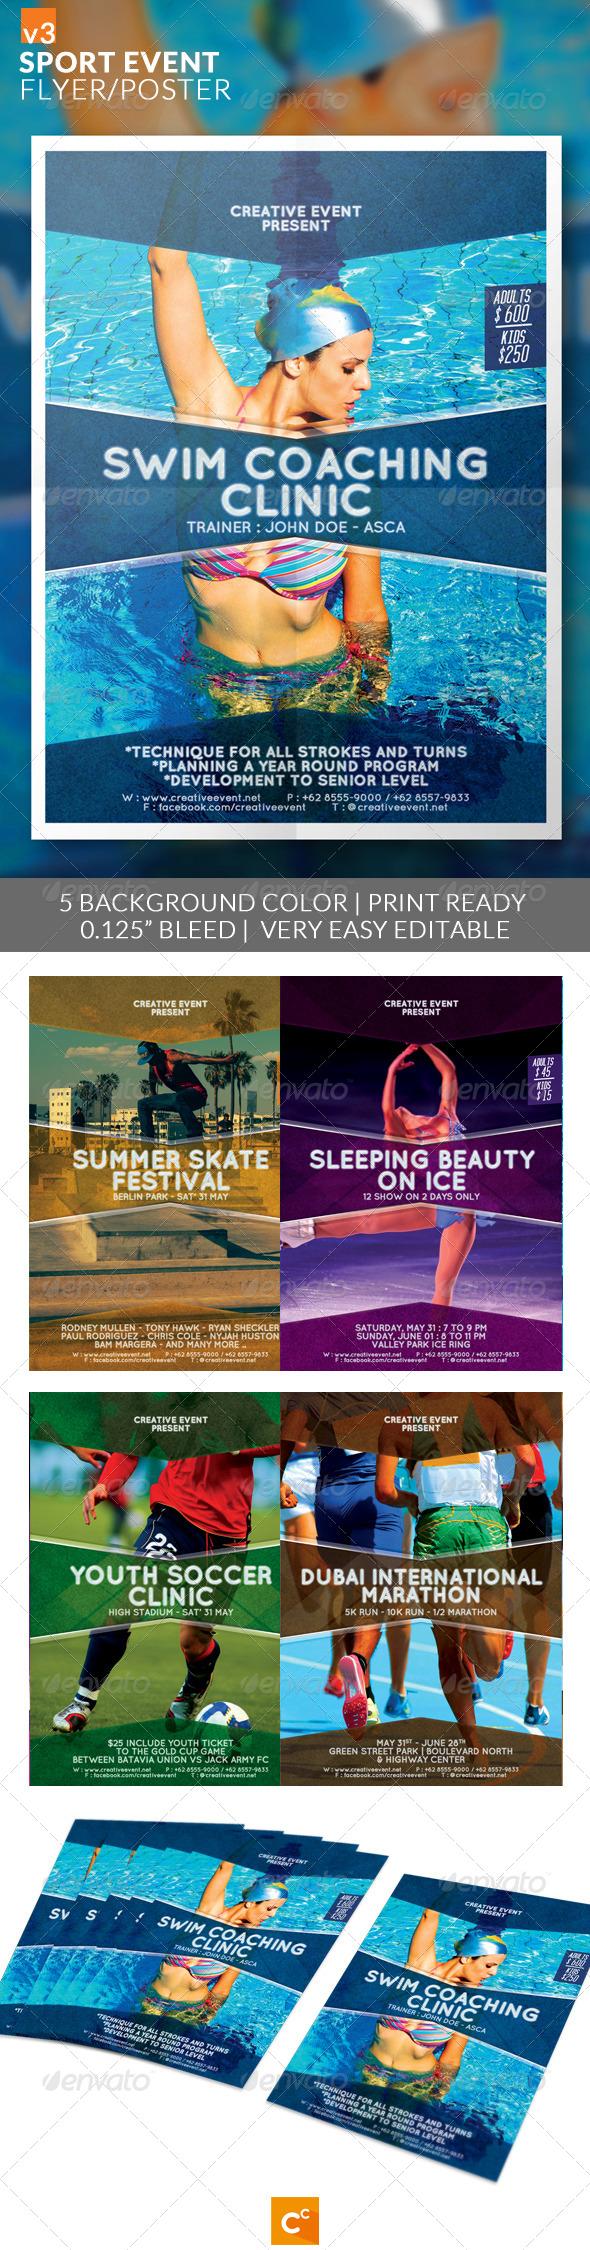 GraphicRiver Sport Event Flyer Poster v3 8779748